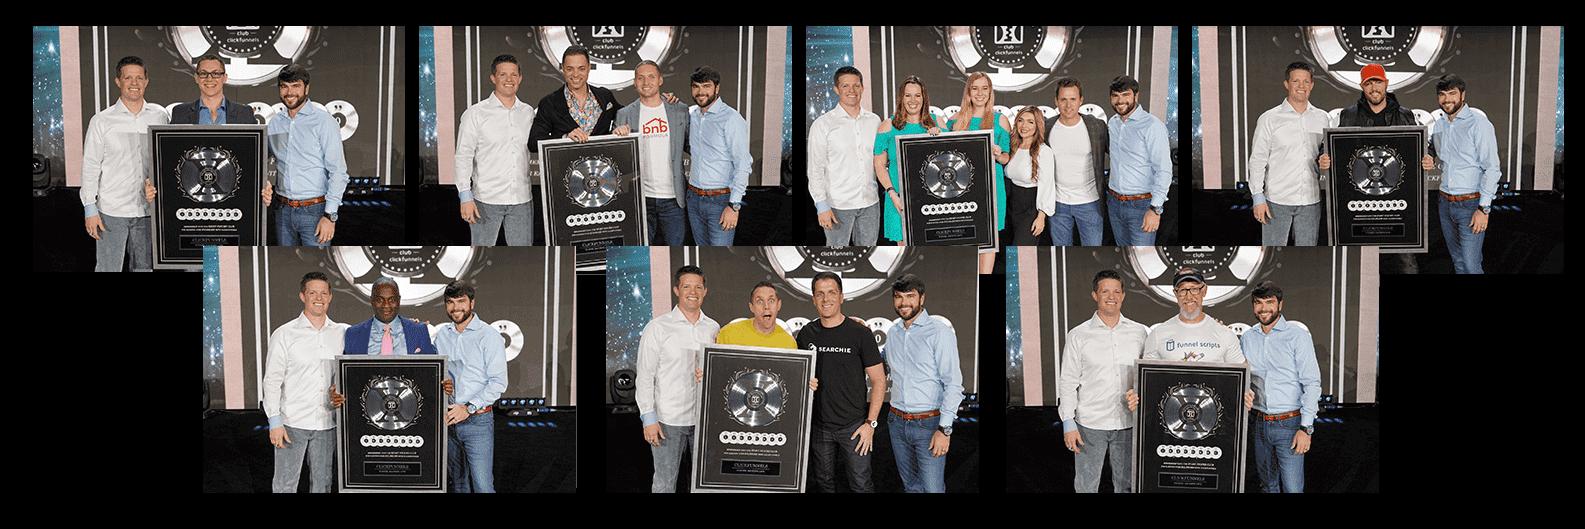 2CC-X ClickFunnels Award